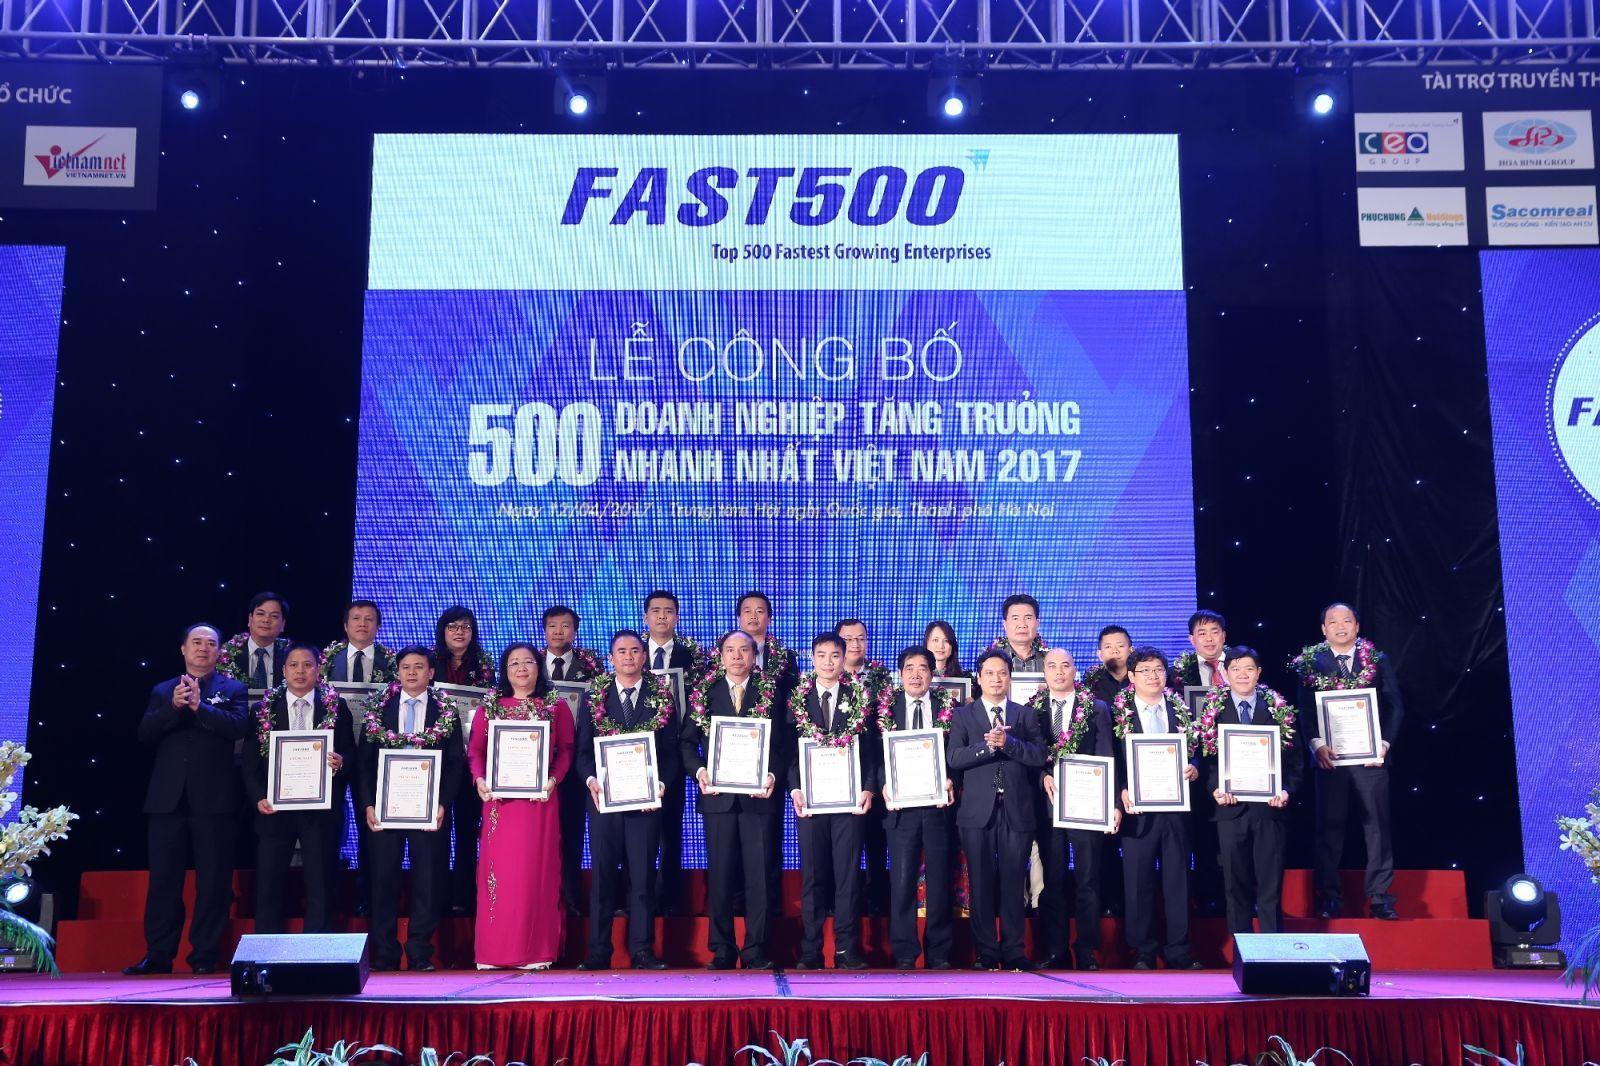 HD SAISON  đạt top 100 Doanh nghiệp tăng trưởng nhanh nhất